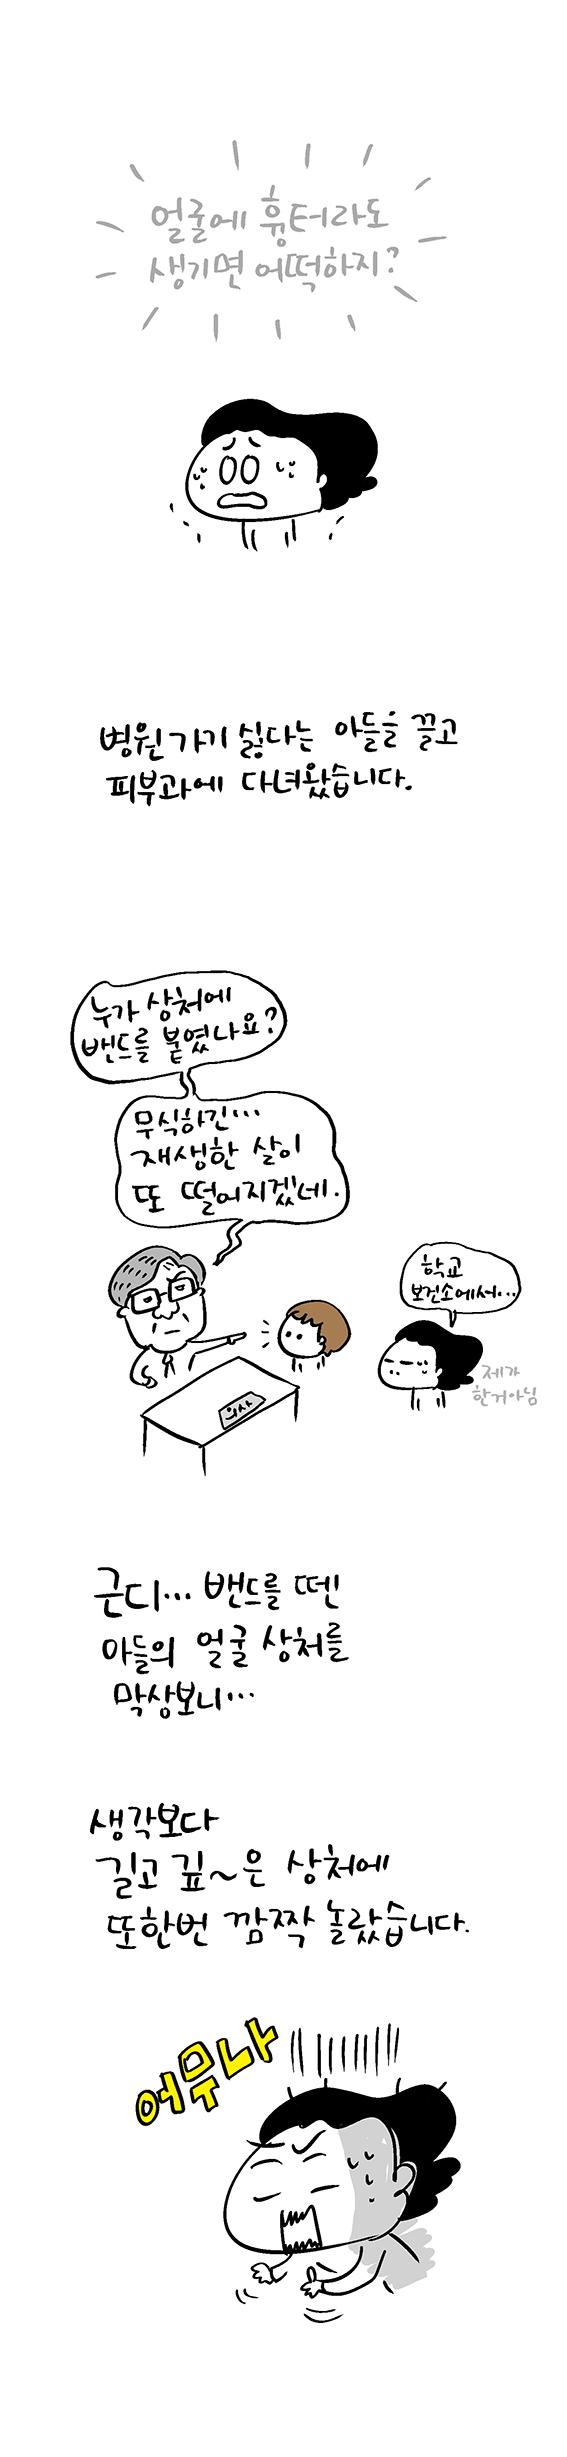 육아카툰초등아들싸움상처33.jpg